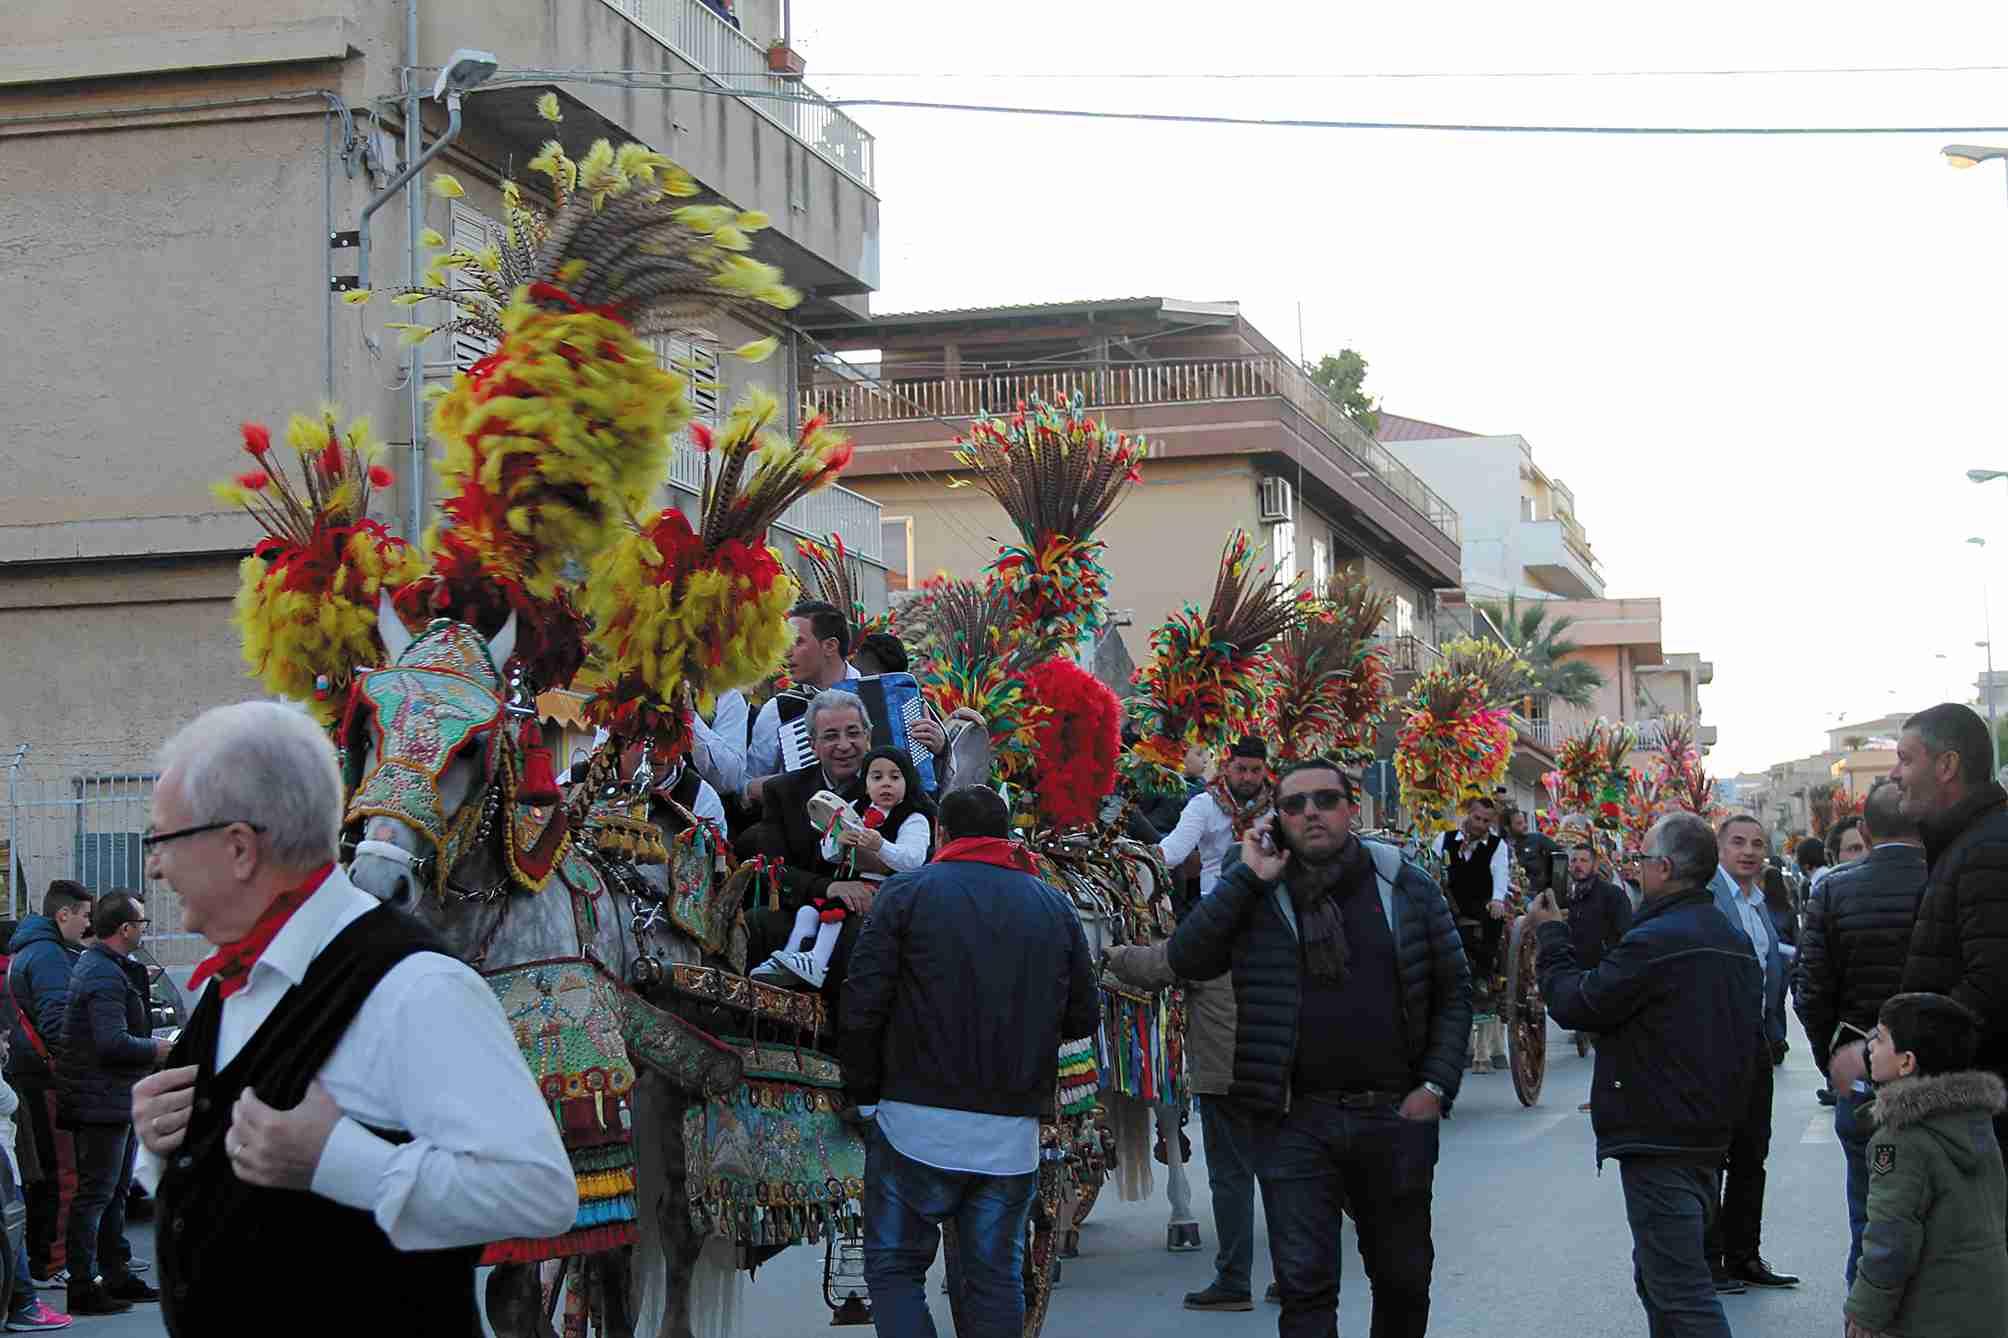 Sfilata dei carretti siciliani: posticipata al 14 aprile causa maltempo